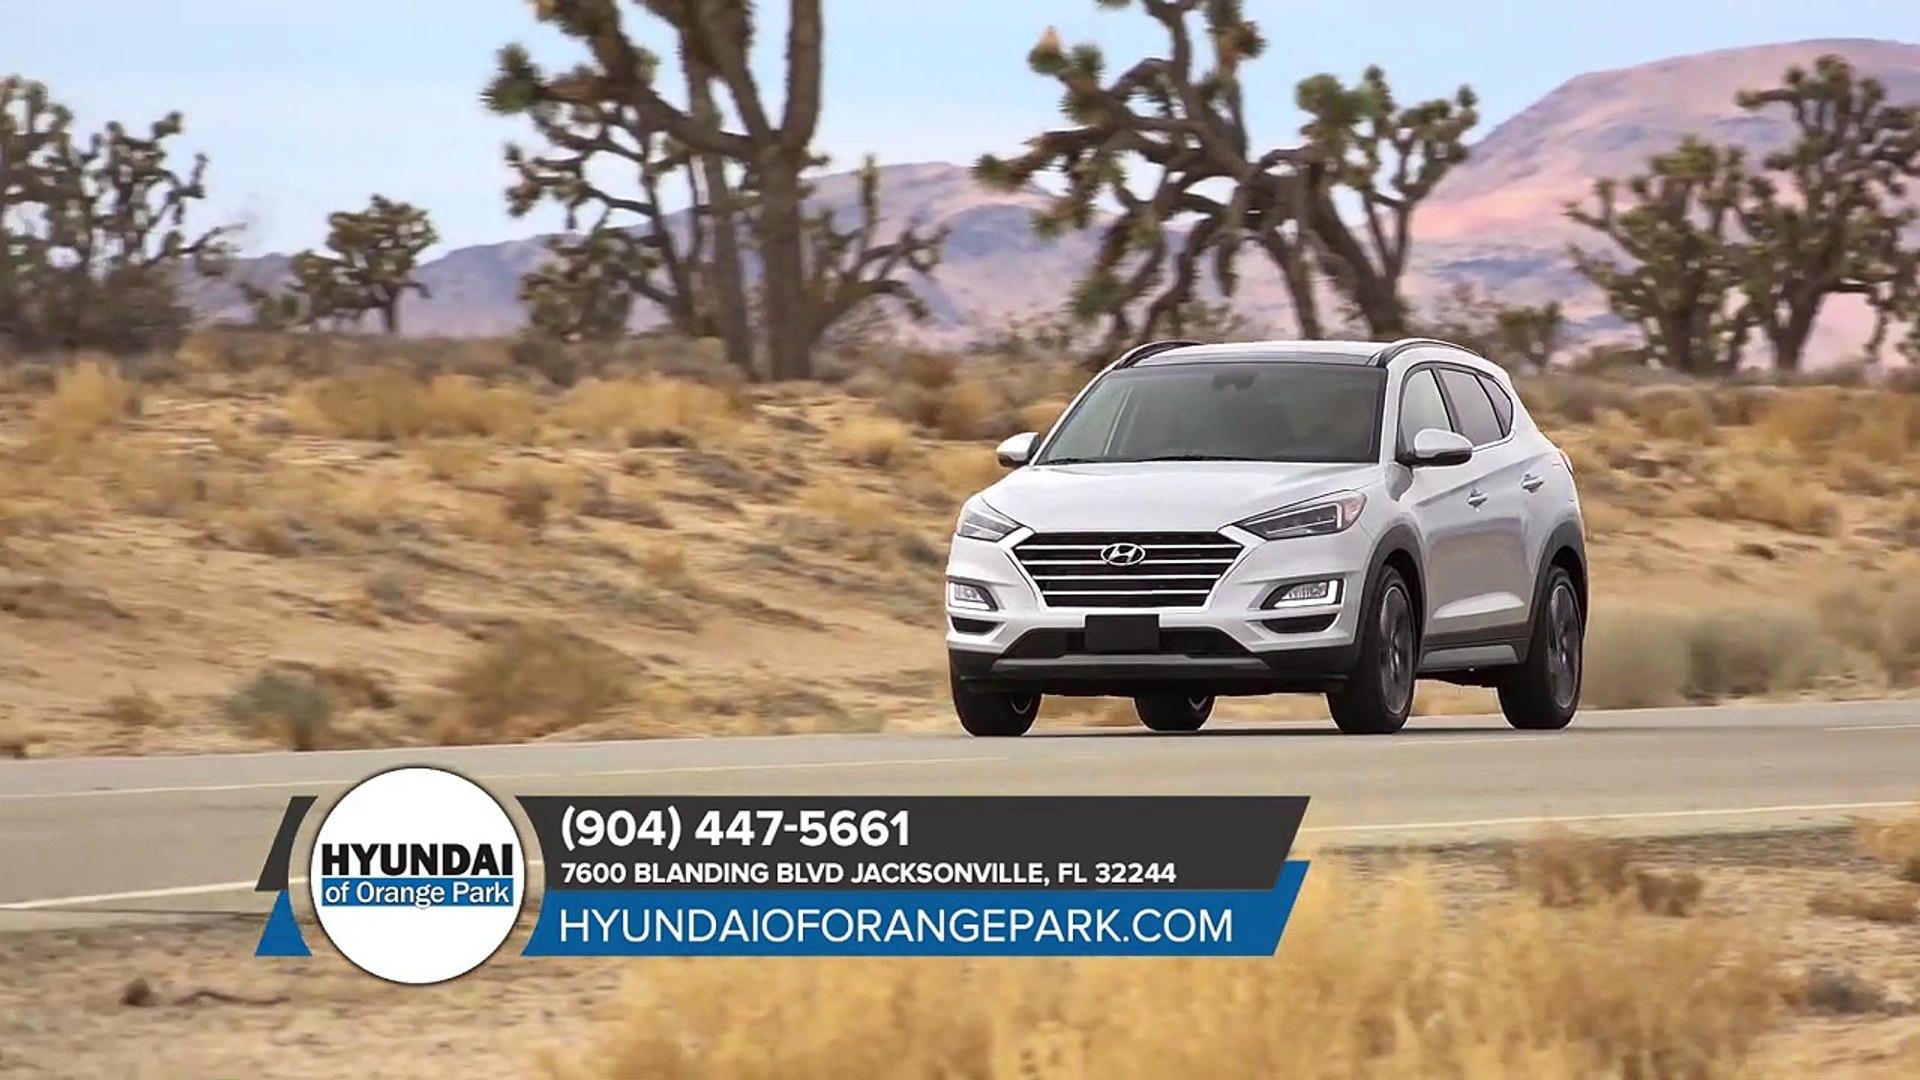 Hyundai Of Orange Park >> 2019 Hyundai Tucson Jacksonville Fl New Hyundai Tucson Jacksonville Fl